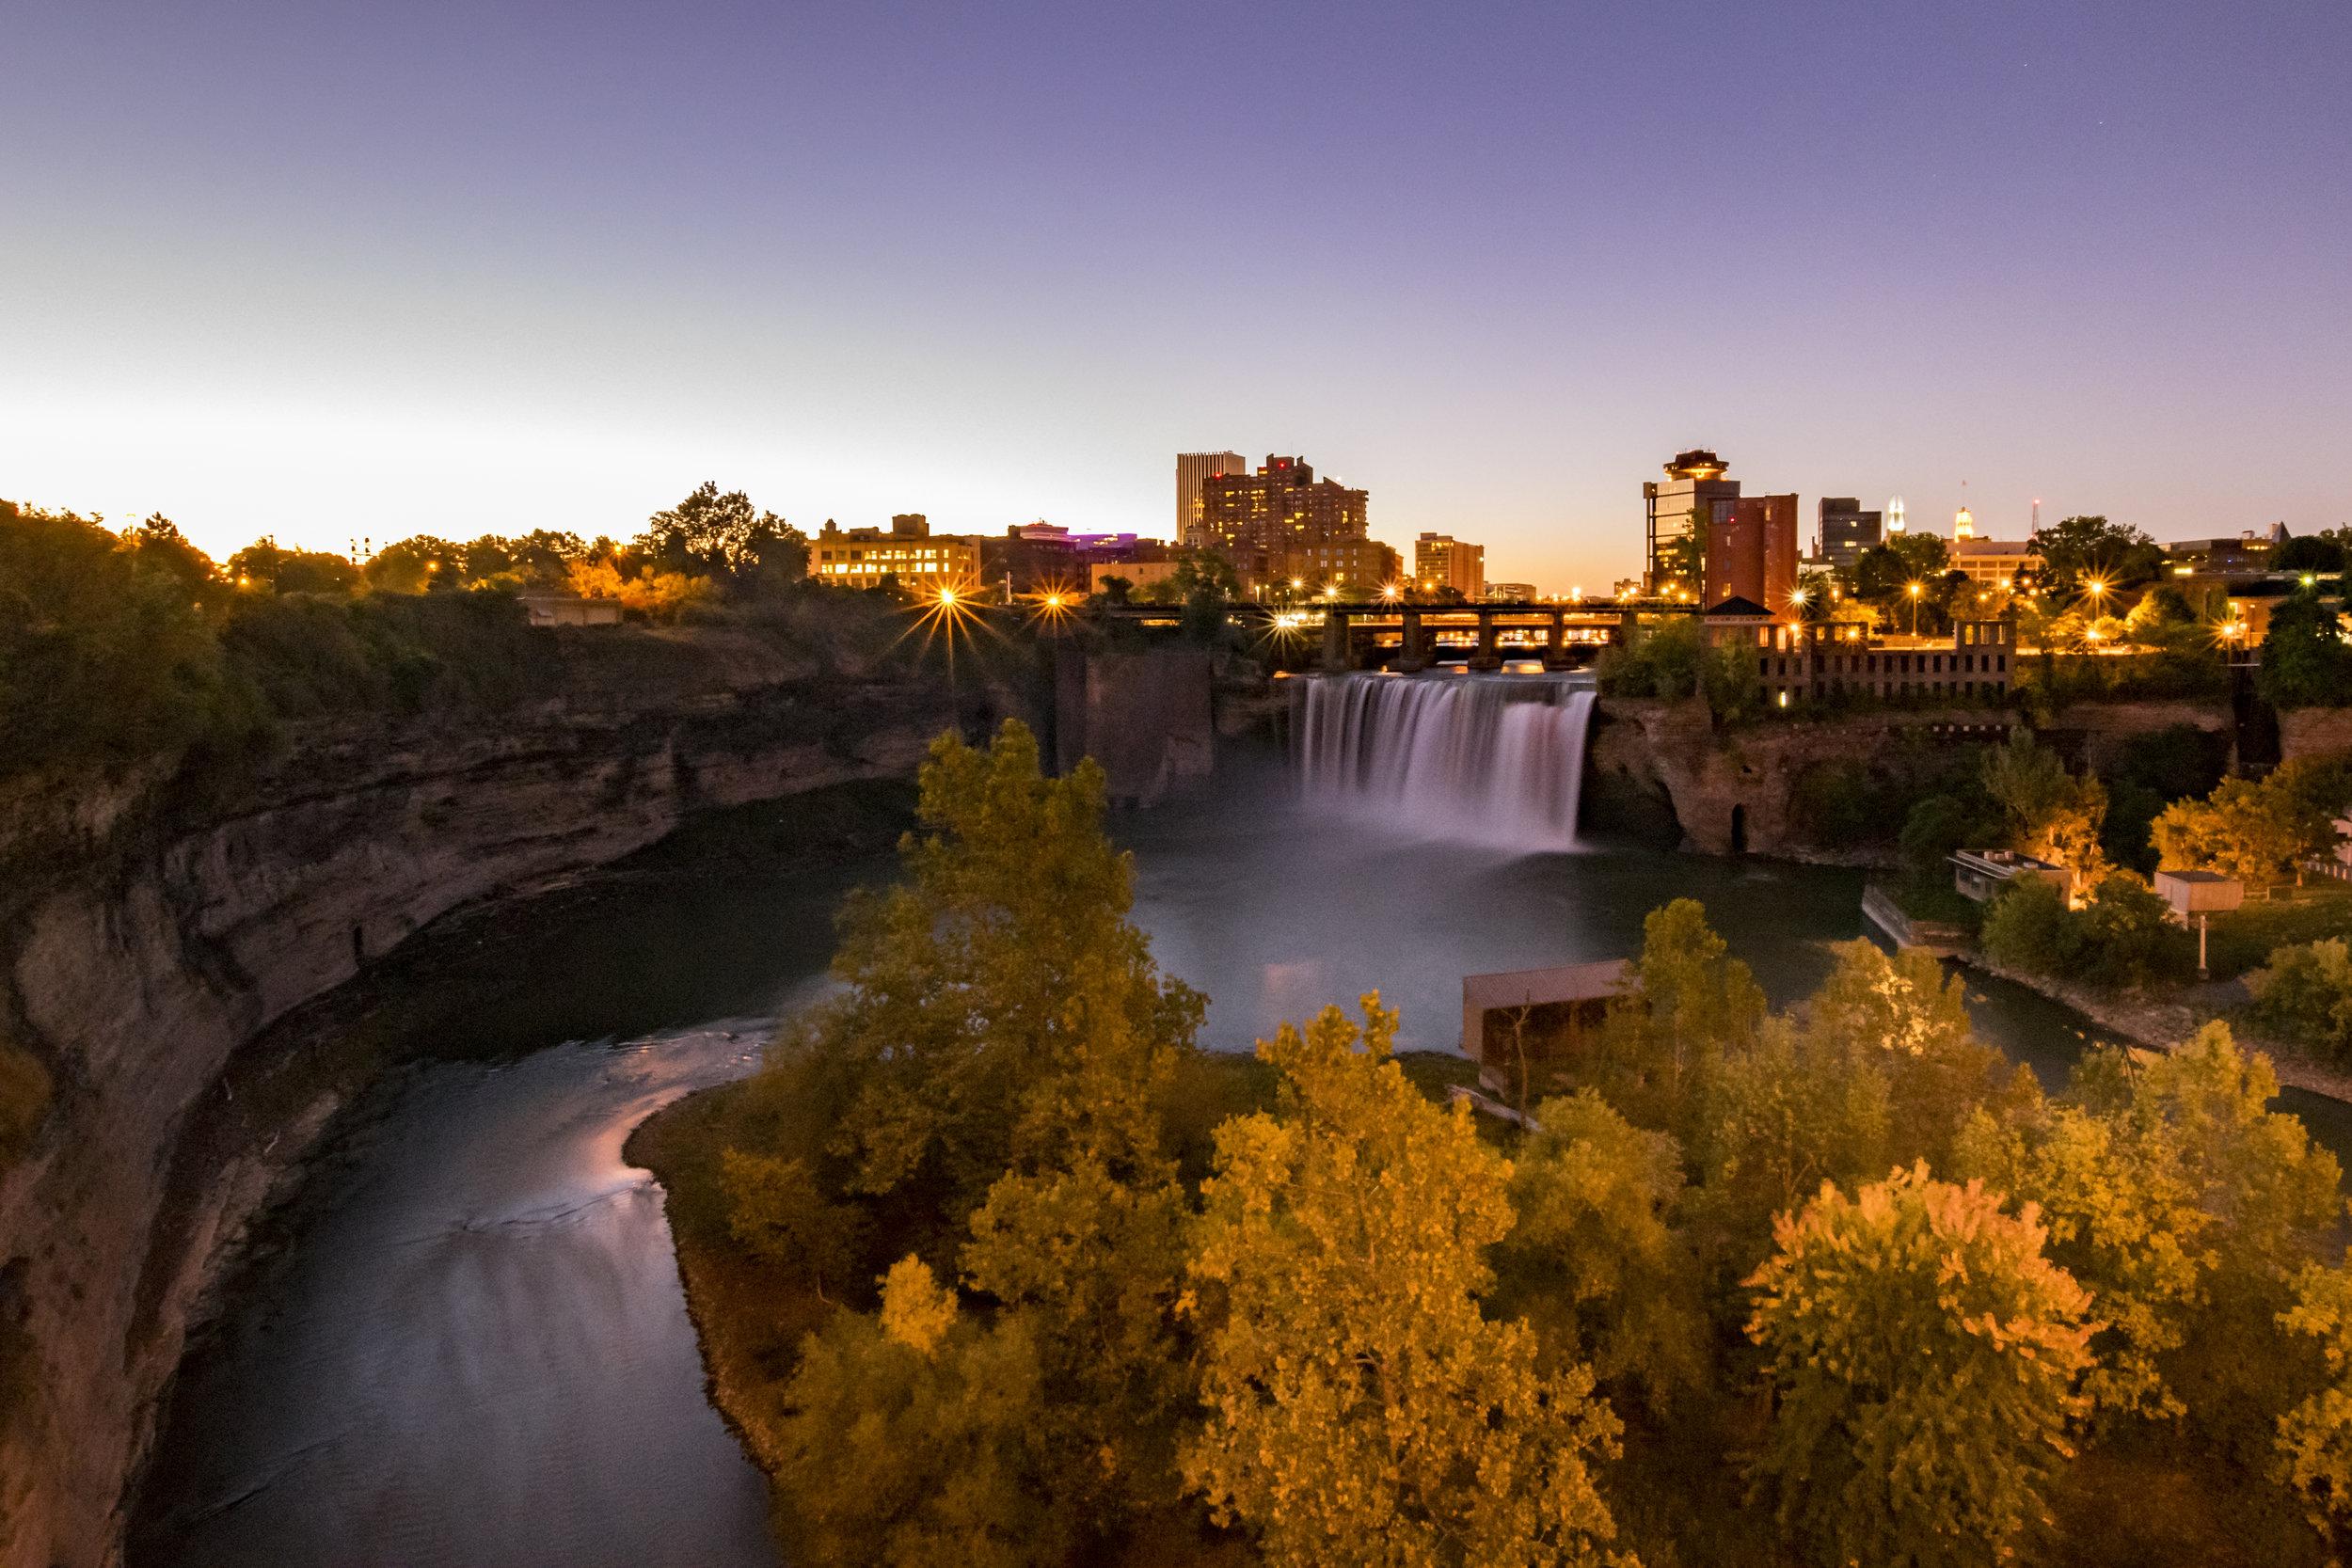 Dawn at the Falls